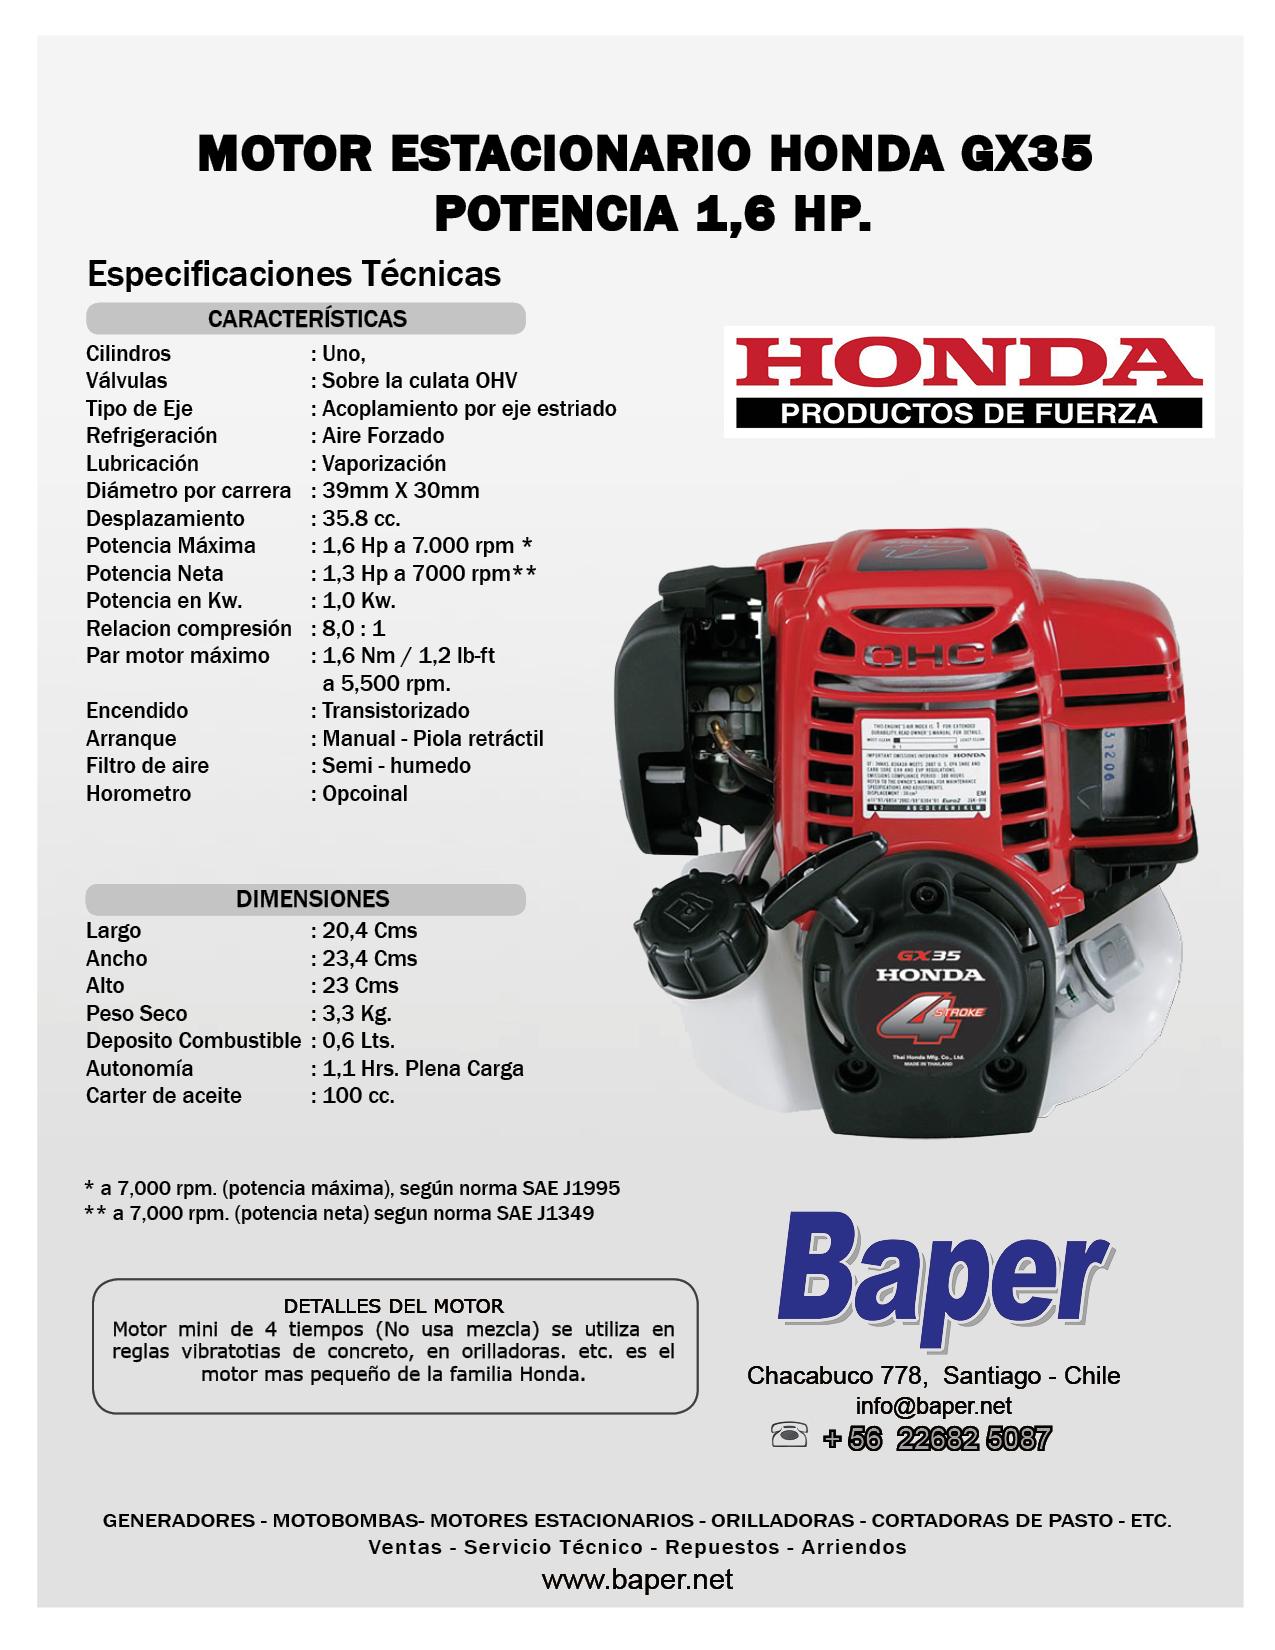 motor estacionario honda bencinero gx35 1 6 hp baper honda gx35 manuel francais honda gx35 workshop manual